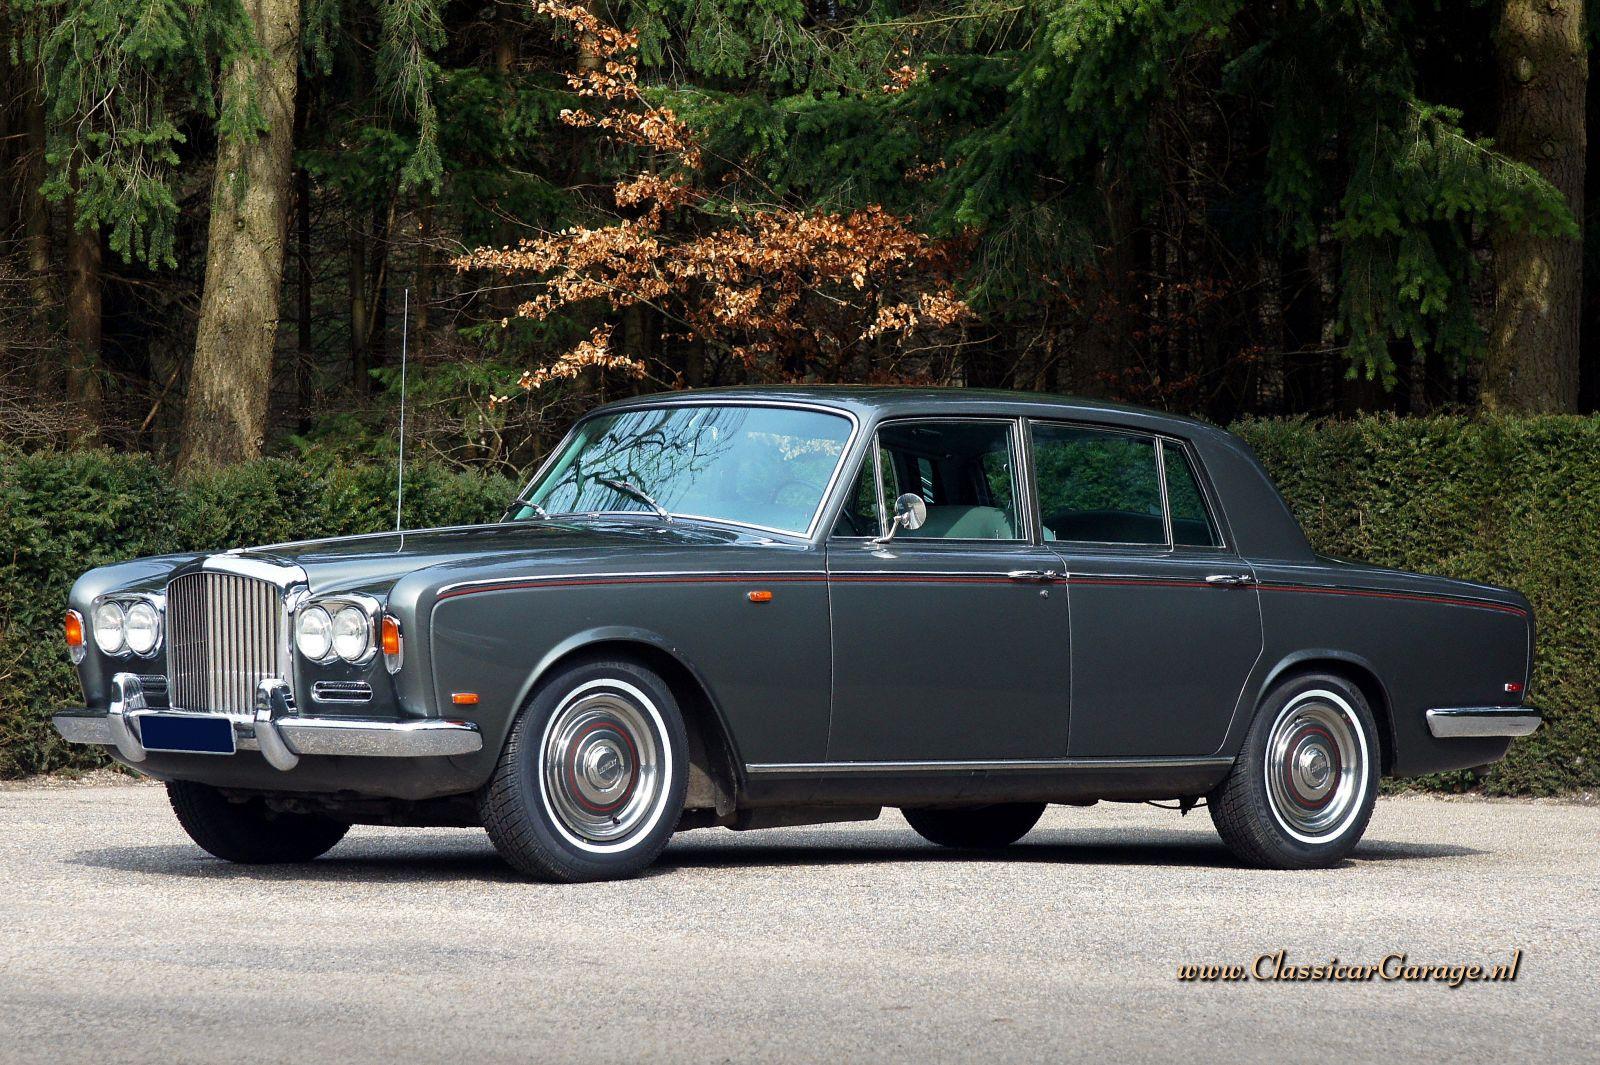 Bentley T1 1969 Details